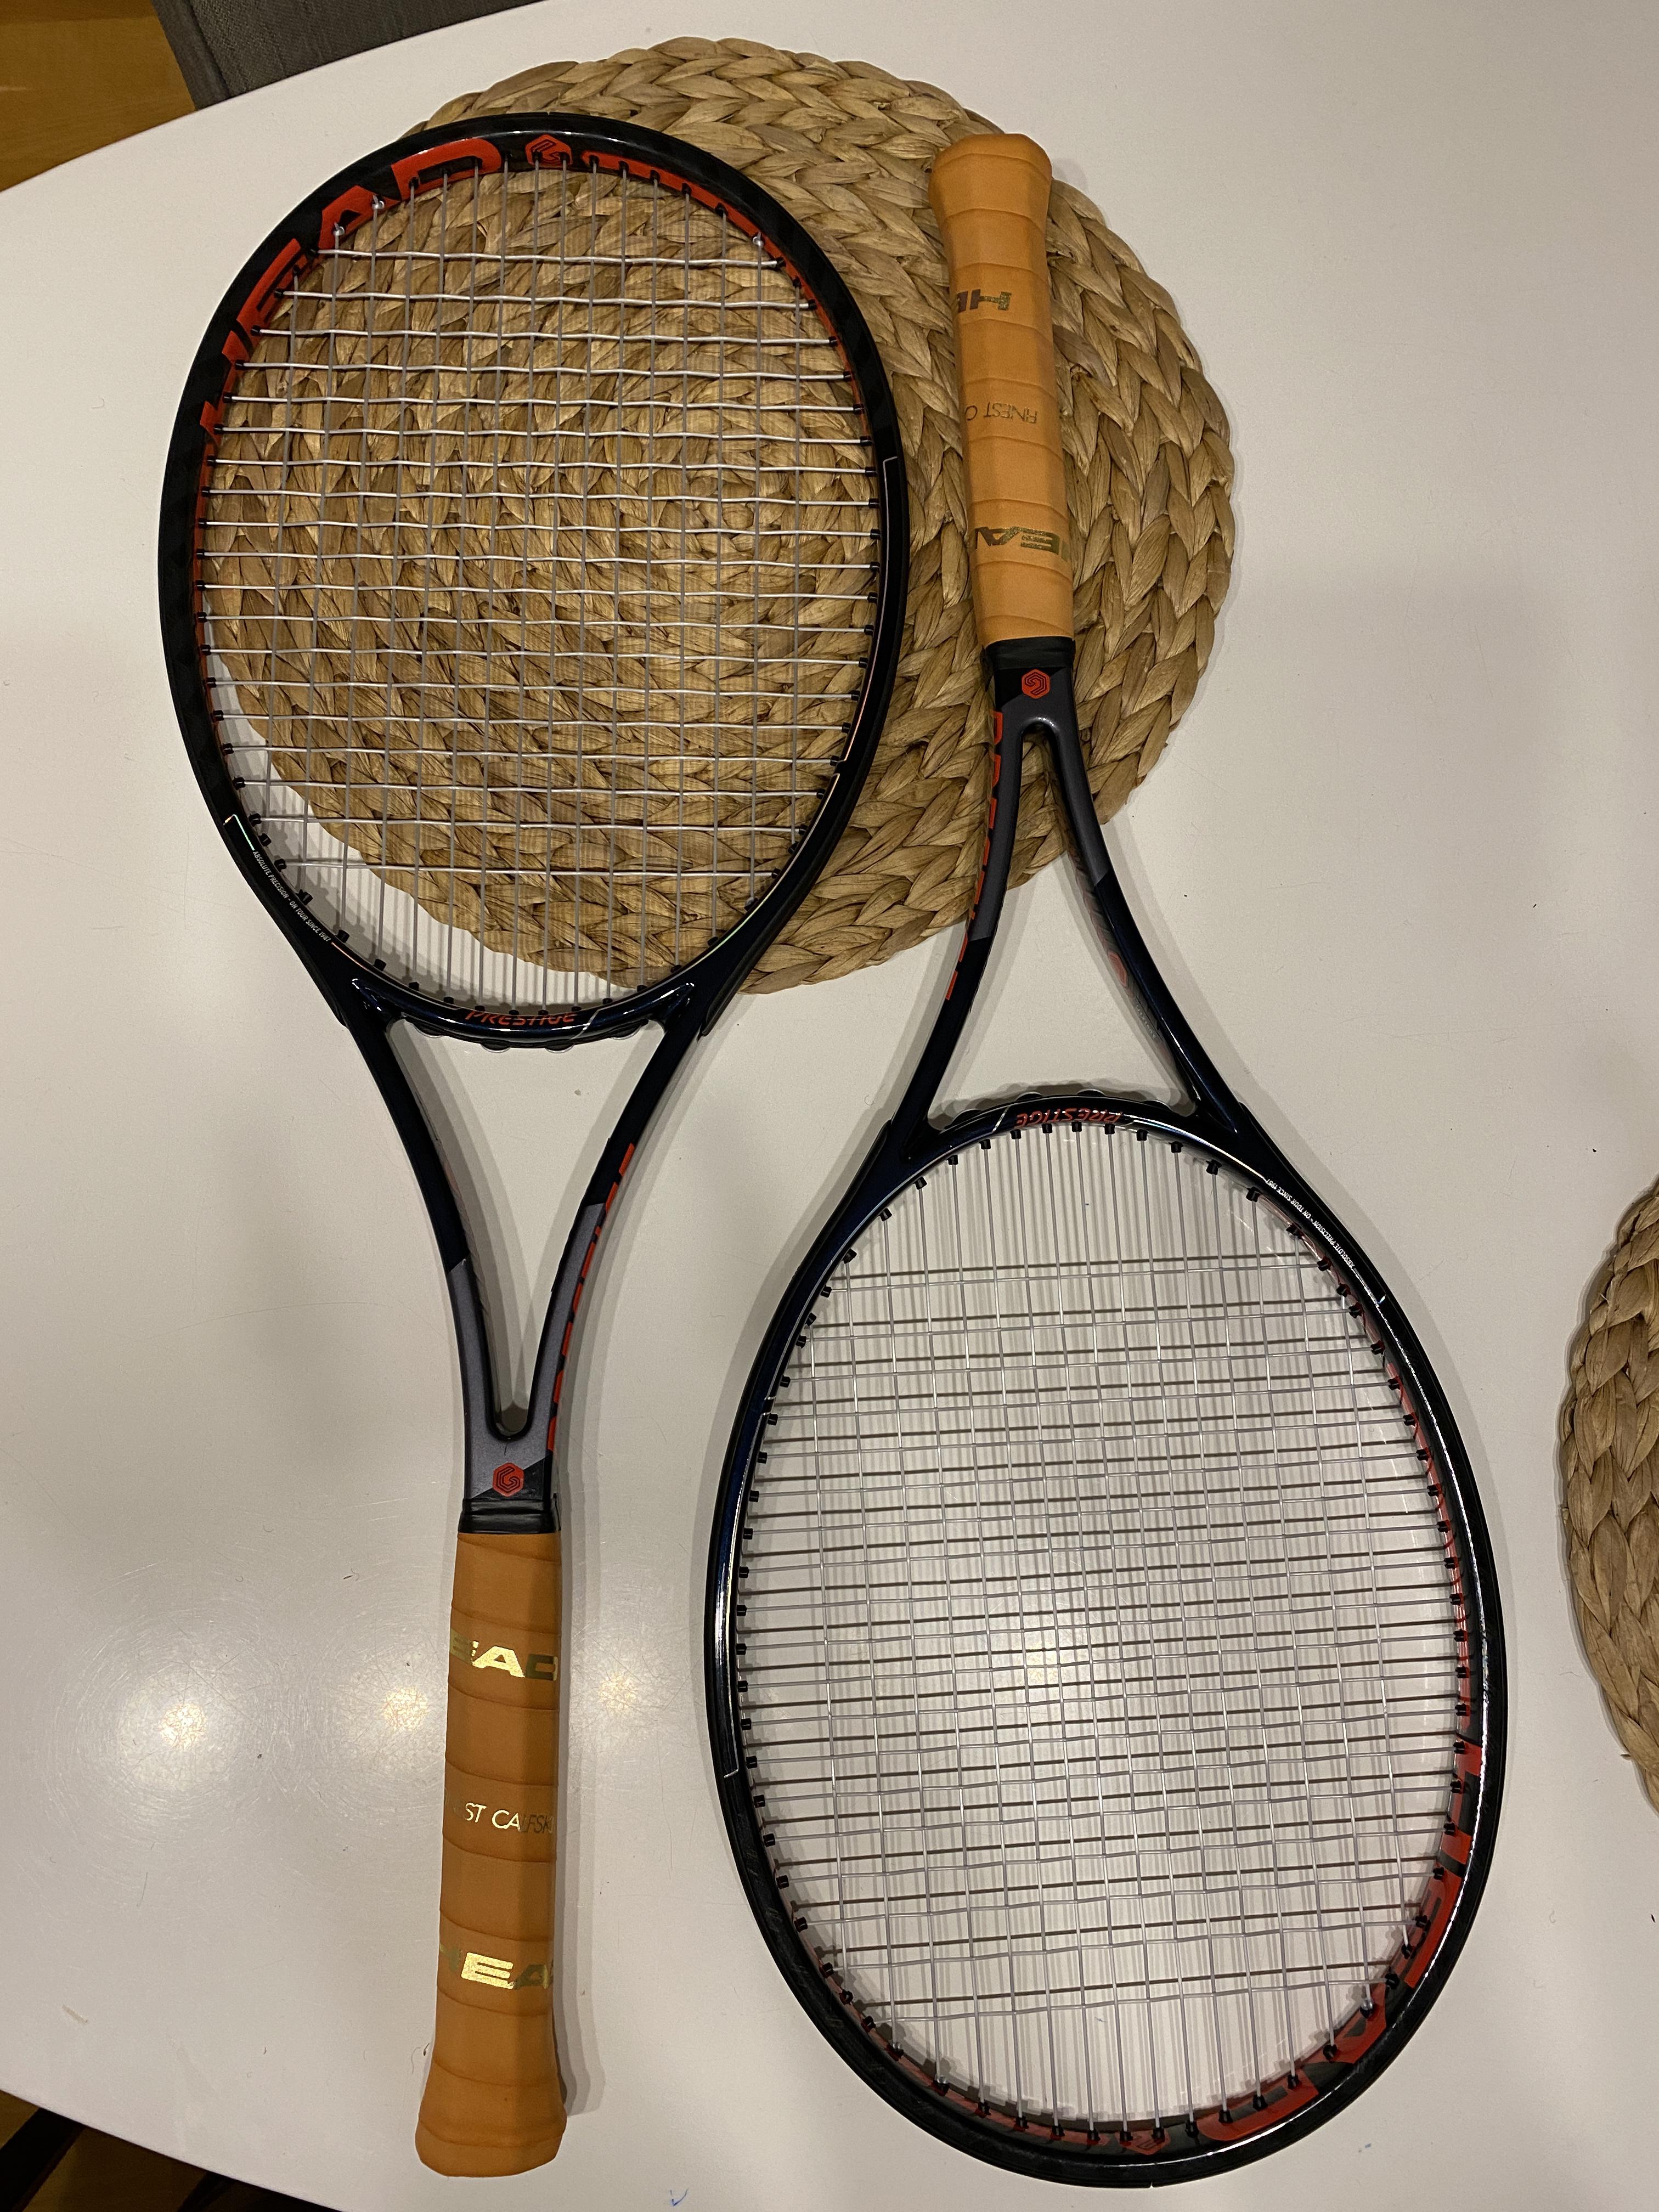 *NEU*Head Graphene XT Prestige MP Tennisschläger racket L3 strung racquet 320g